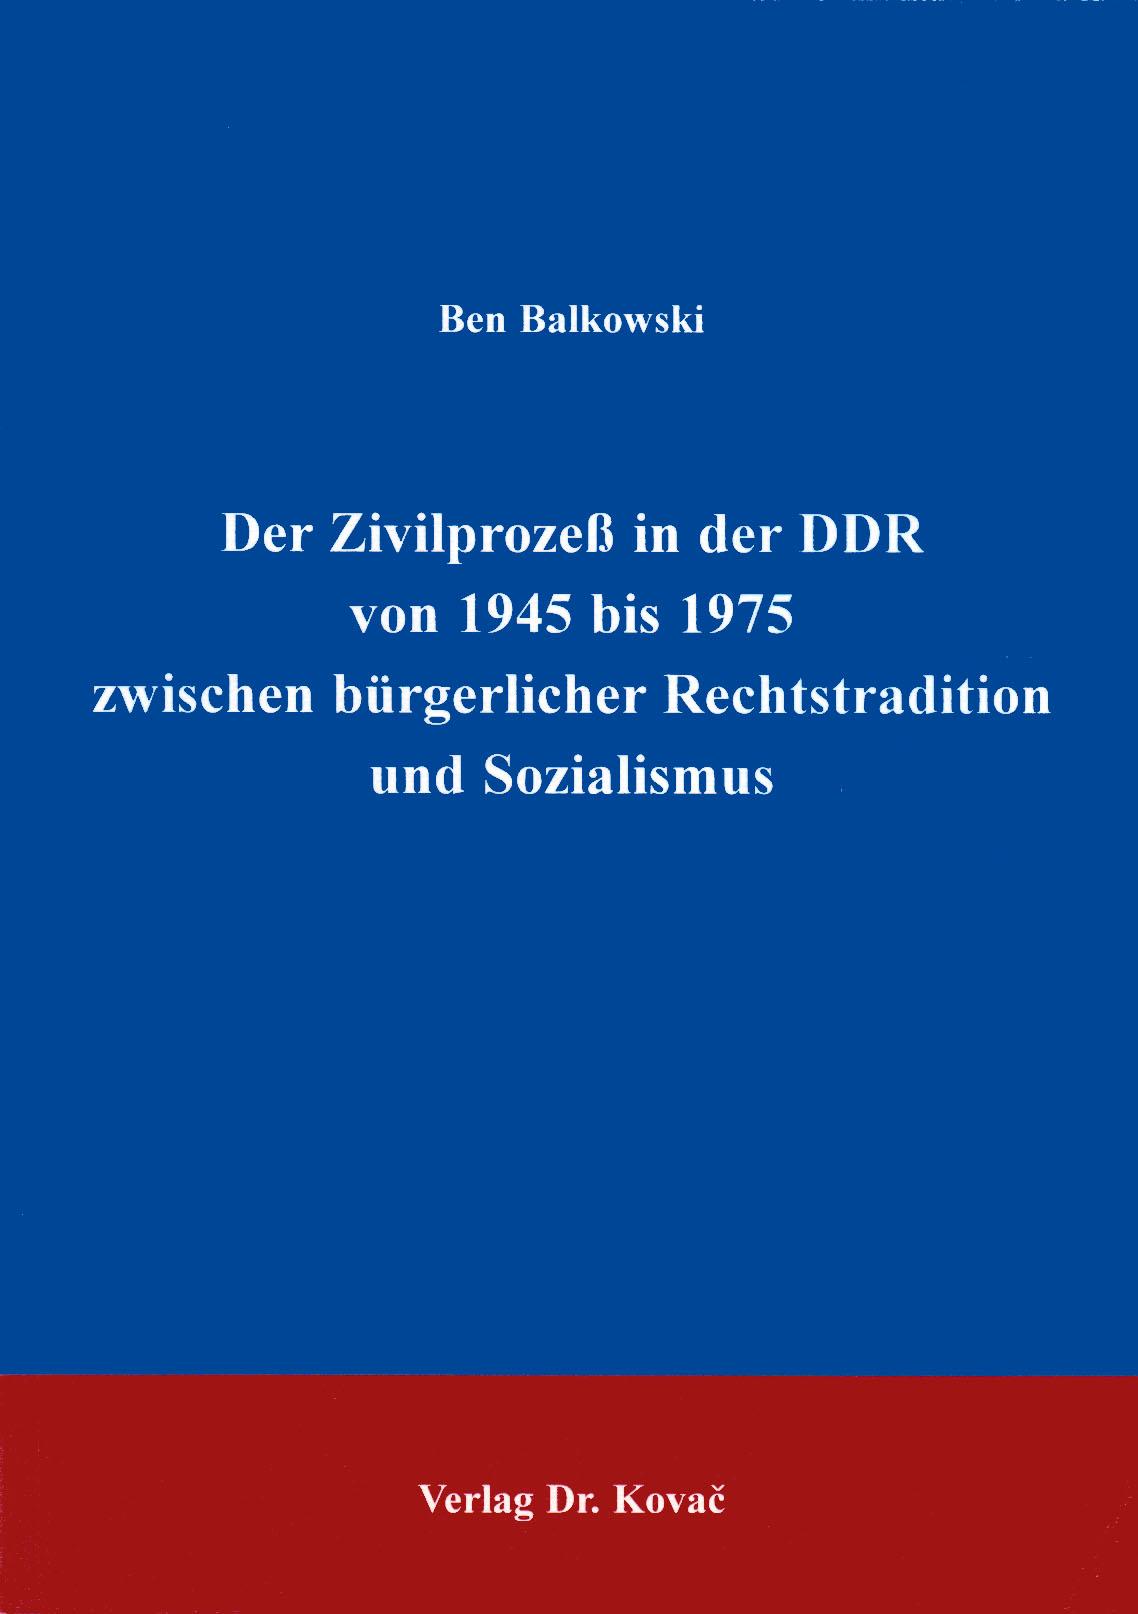 Cover: Der Zivilprozeß in der DDR von 1945 bis 1975 zwischen bürgerlicher Rechtstradition und Sozialismus